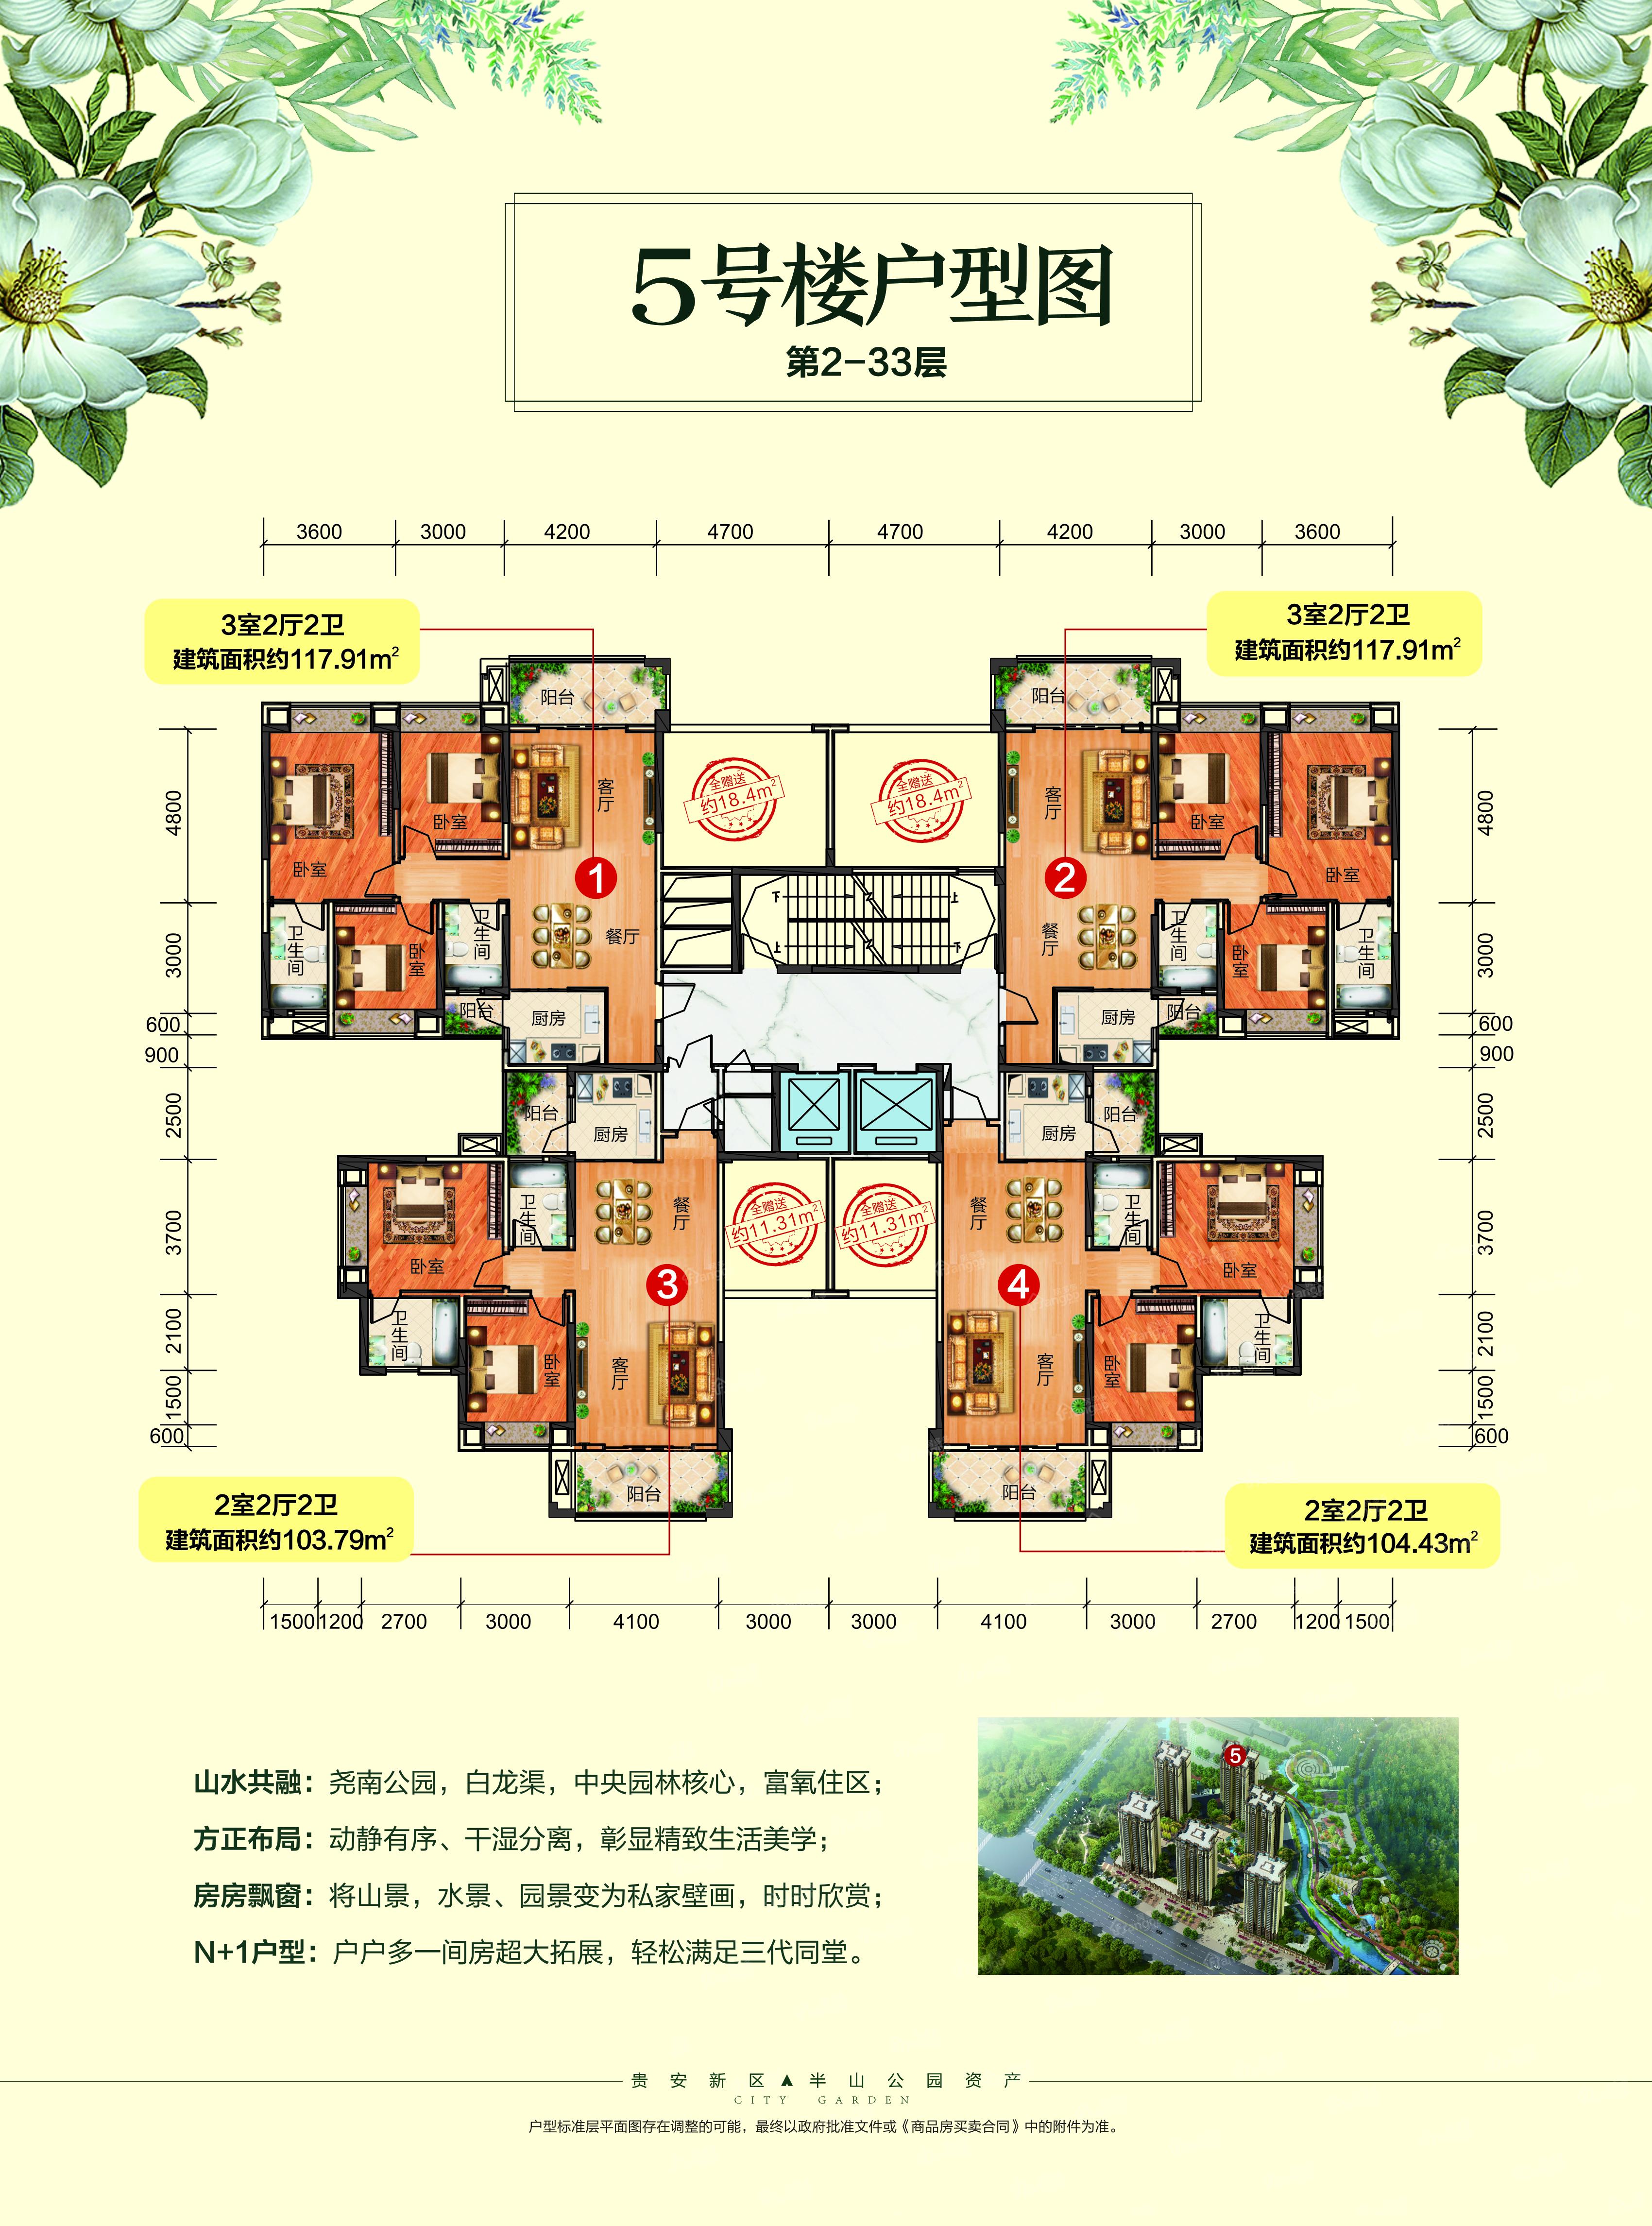 贵安·水清木华3室2厅2卫户型图